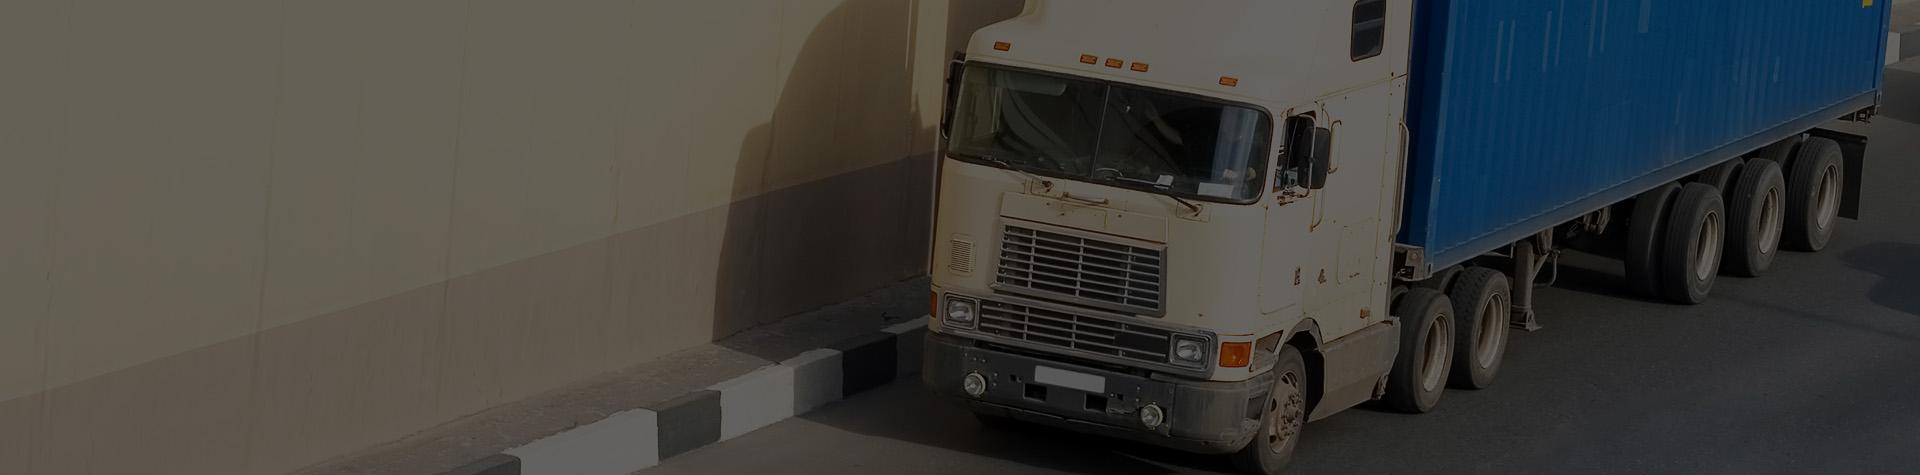 Ryczałty za nocleg dla kierowców za spanie w kabinach ciężarówek